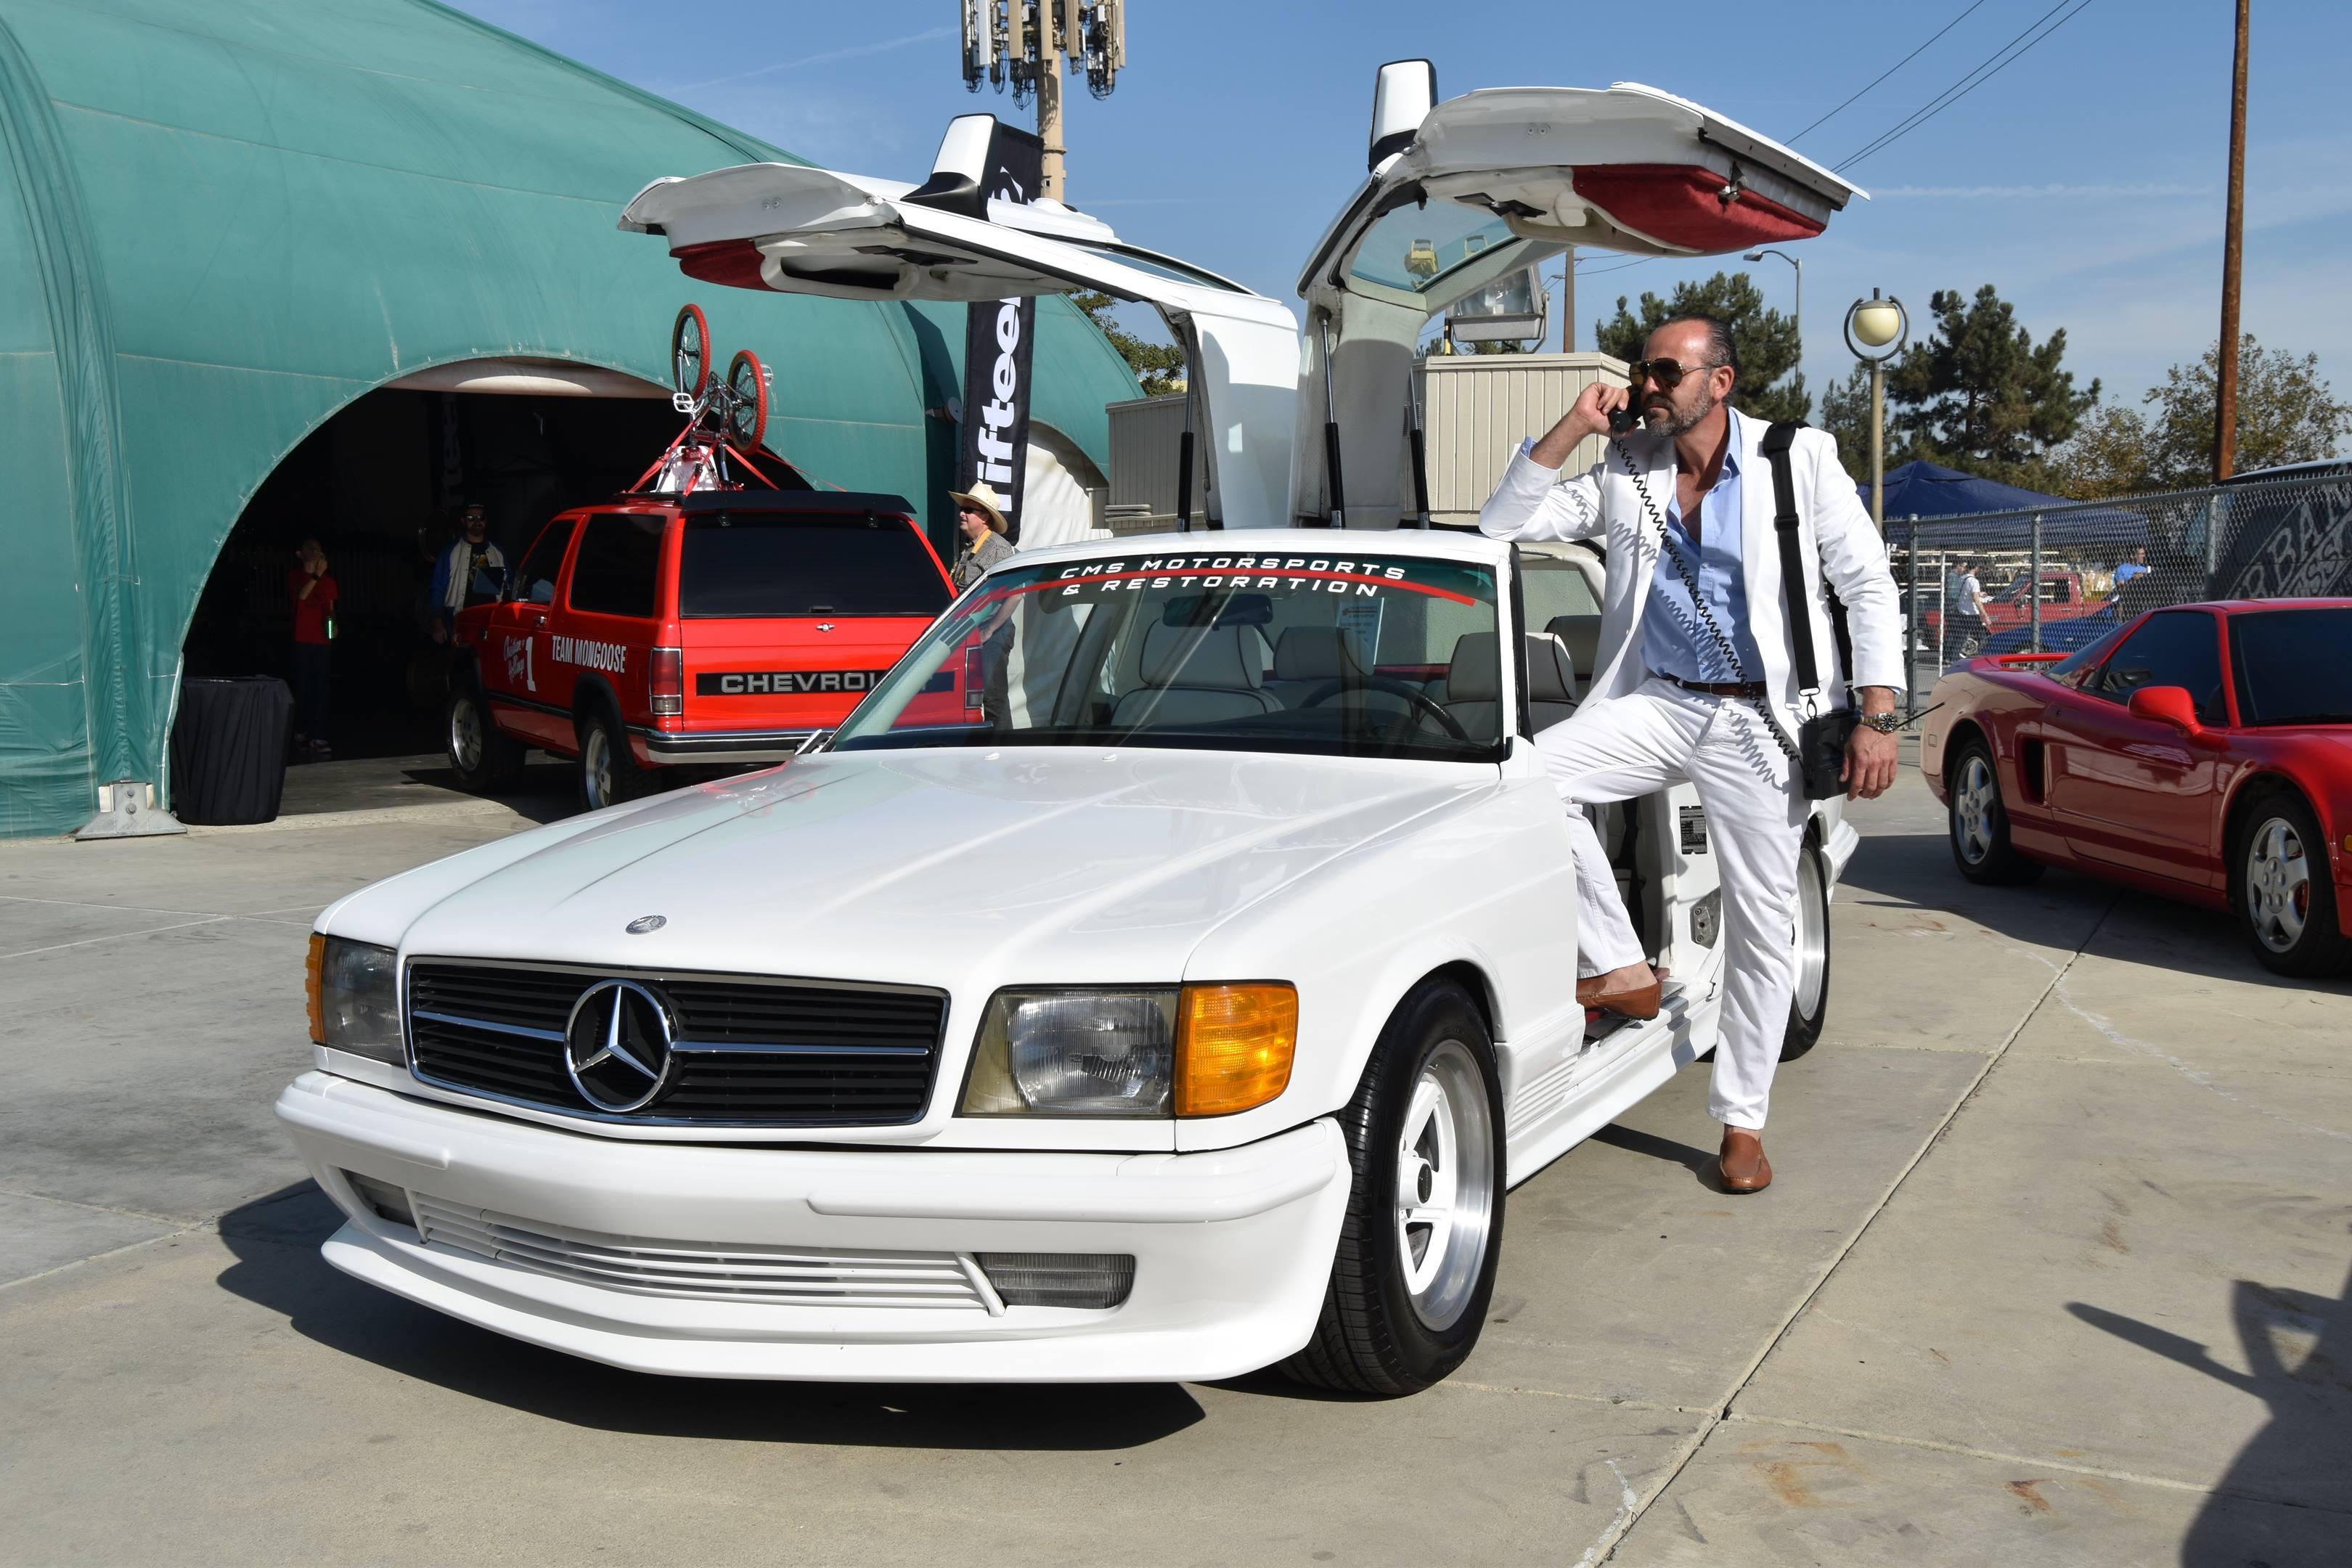 1983 Mercedes-Benz 500SEC Gullwing front